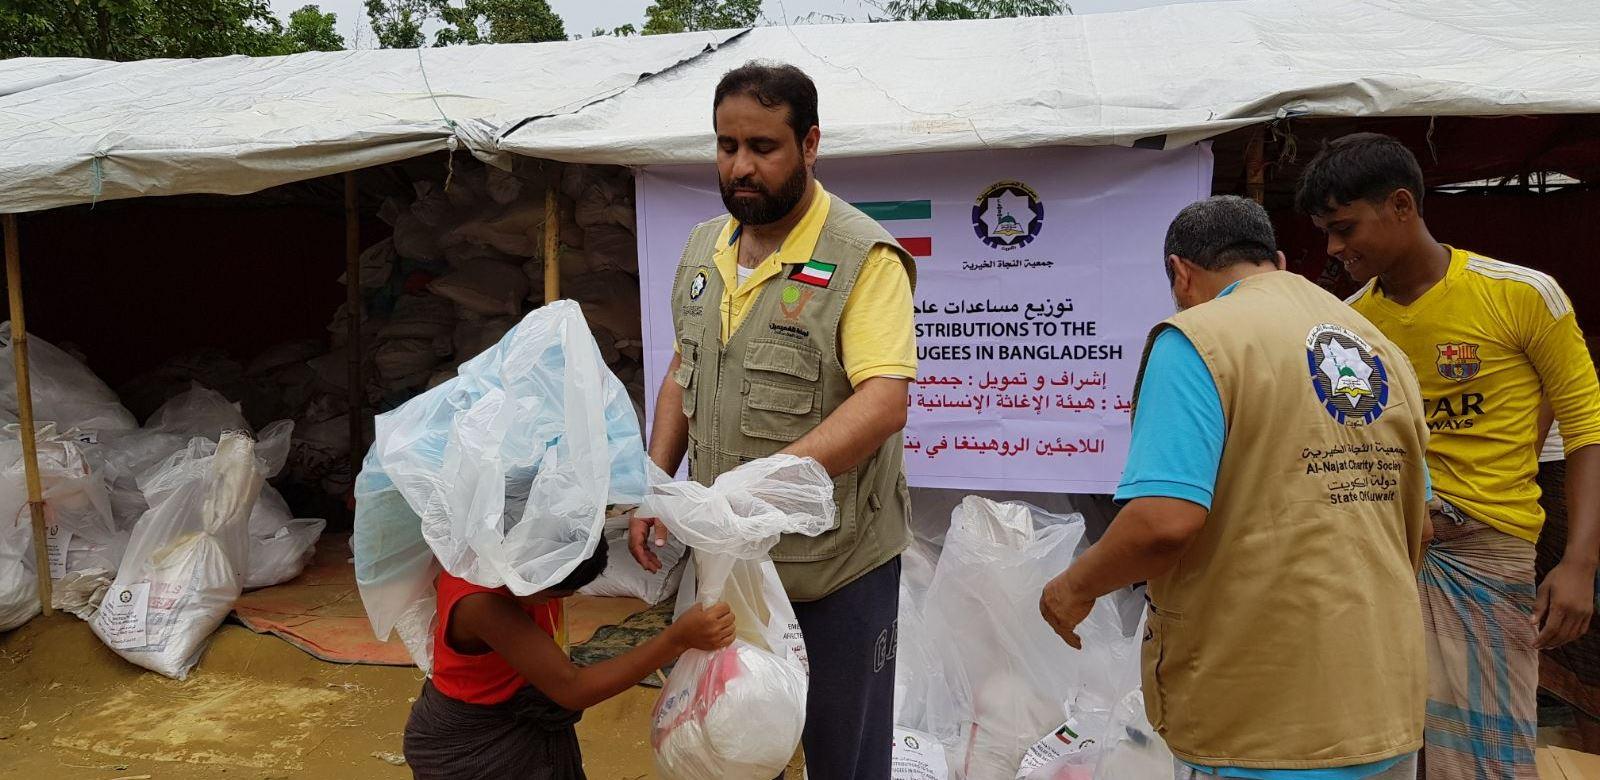 النجاة الخيرية : نفذنا مشاريع انسانية وتنموية مختلفة خارج الكويت عام 2018